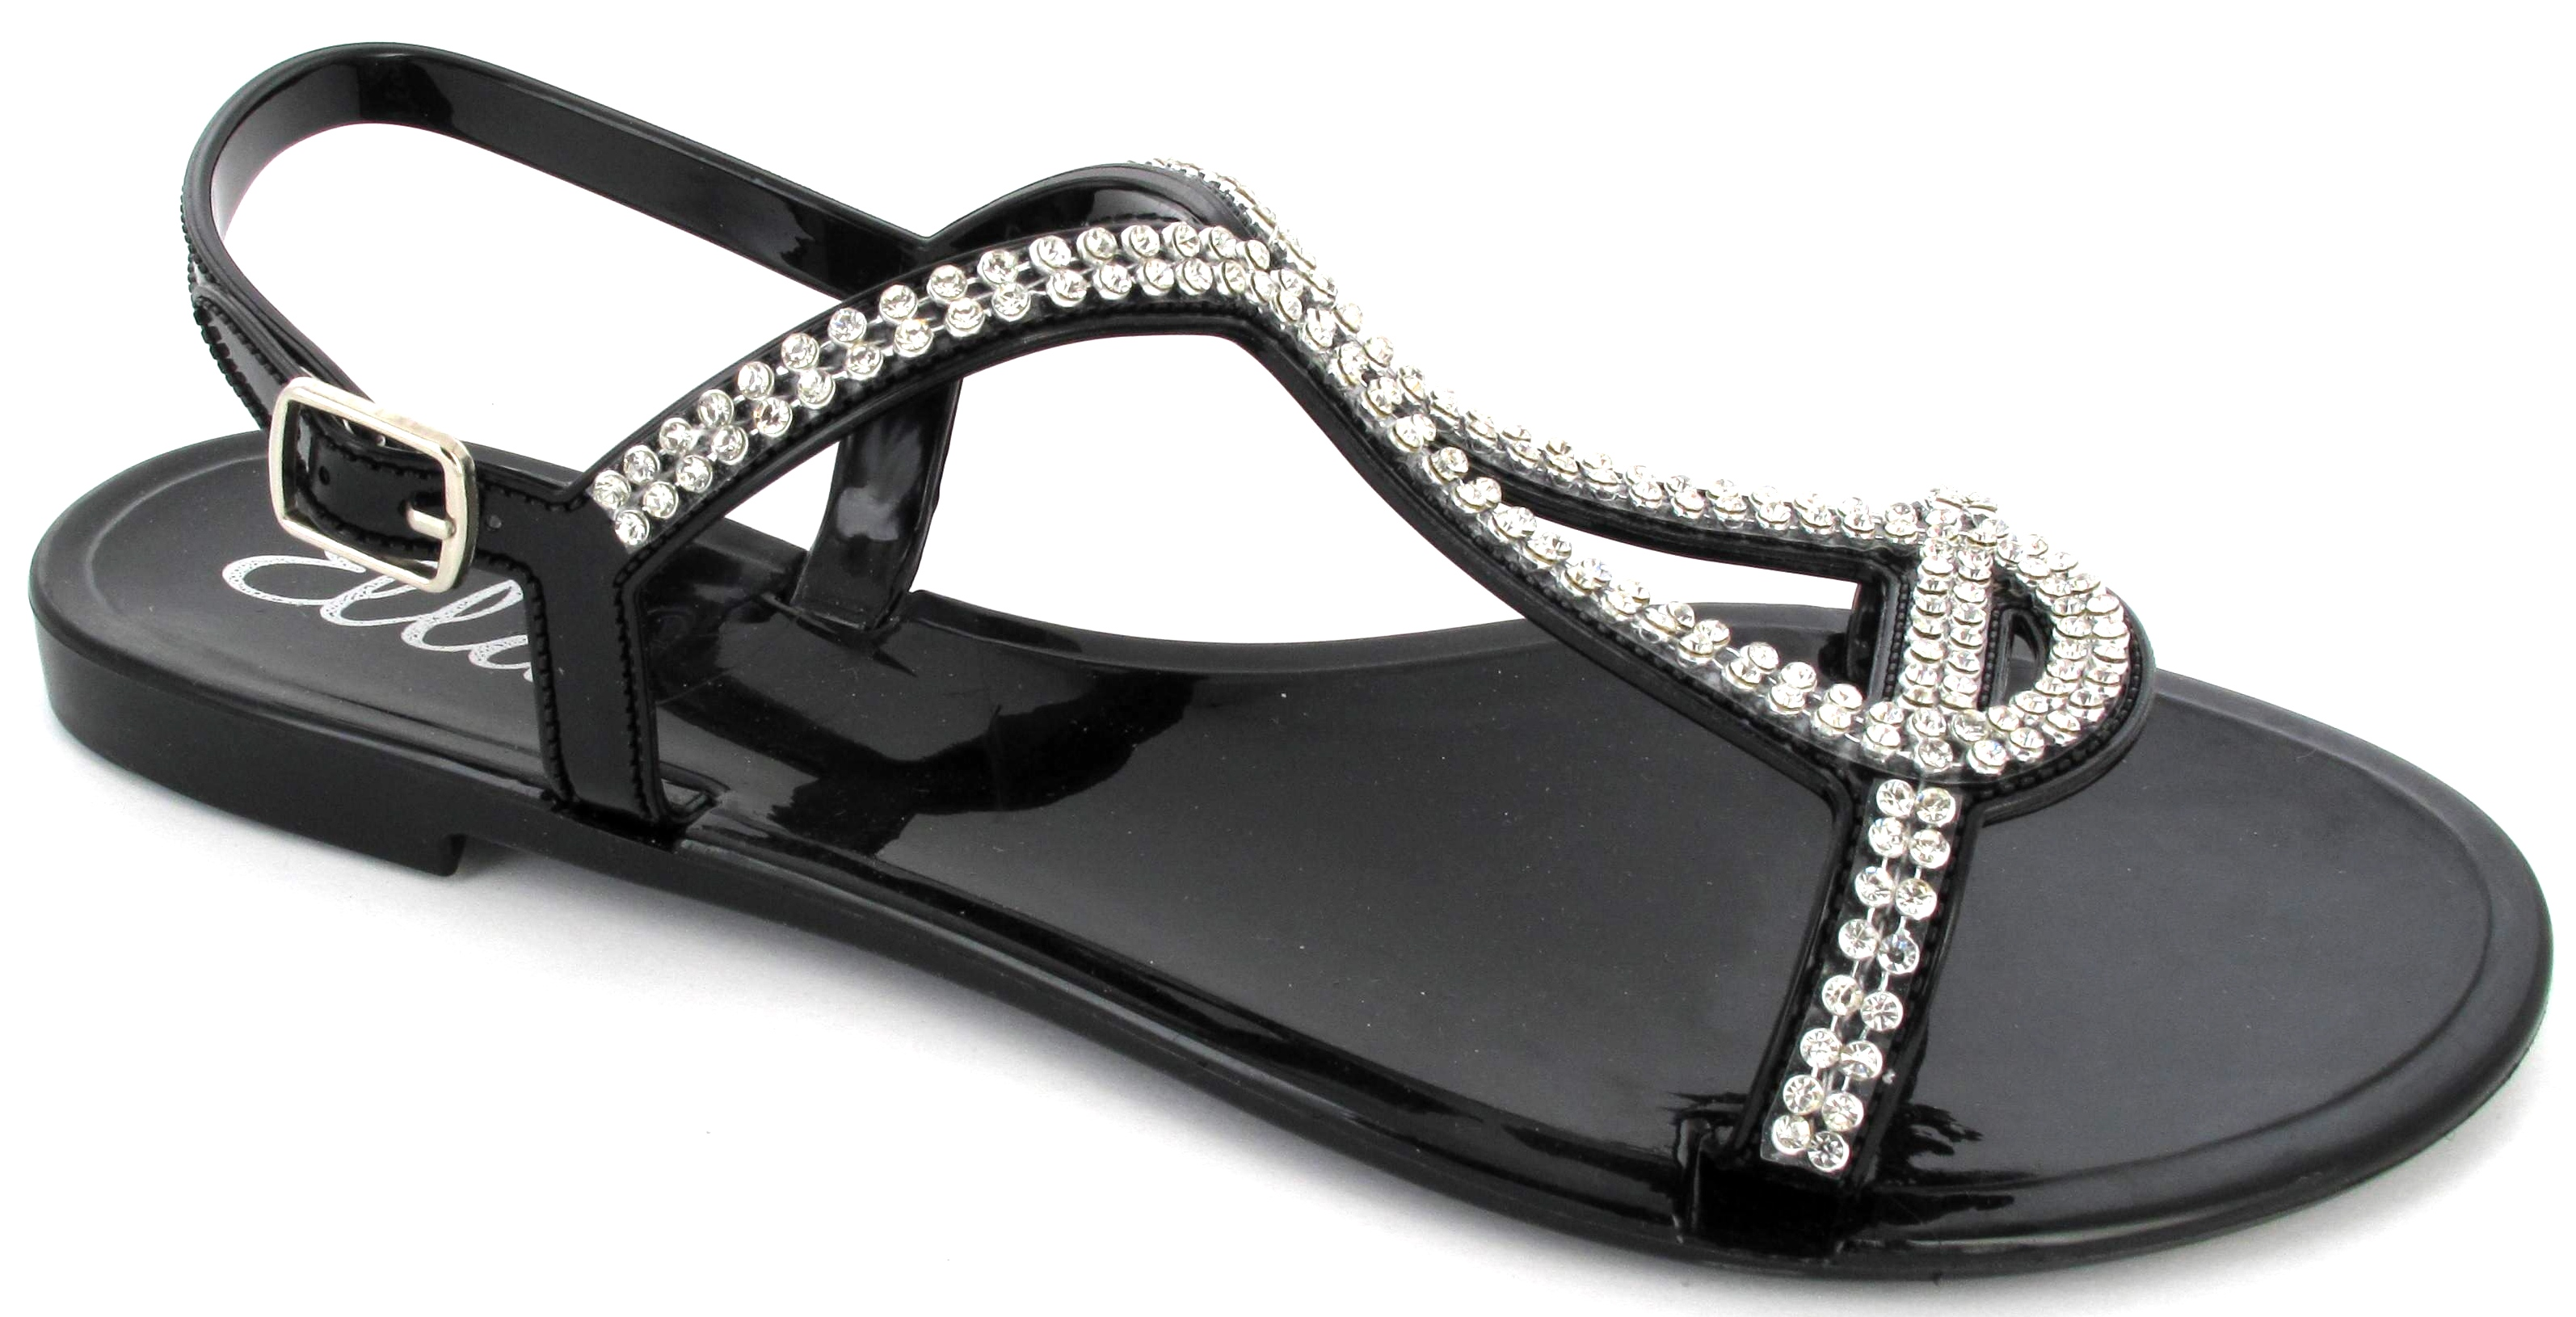 damen strass jelly sandalen zehentrenner strand sommer sandalen schuhe gr e ebay. Black Bedroom Furniture Sets. Home Design Ideas